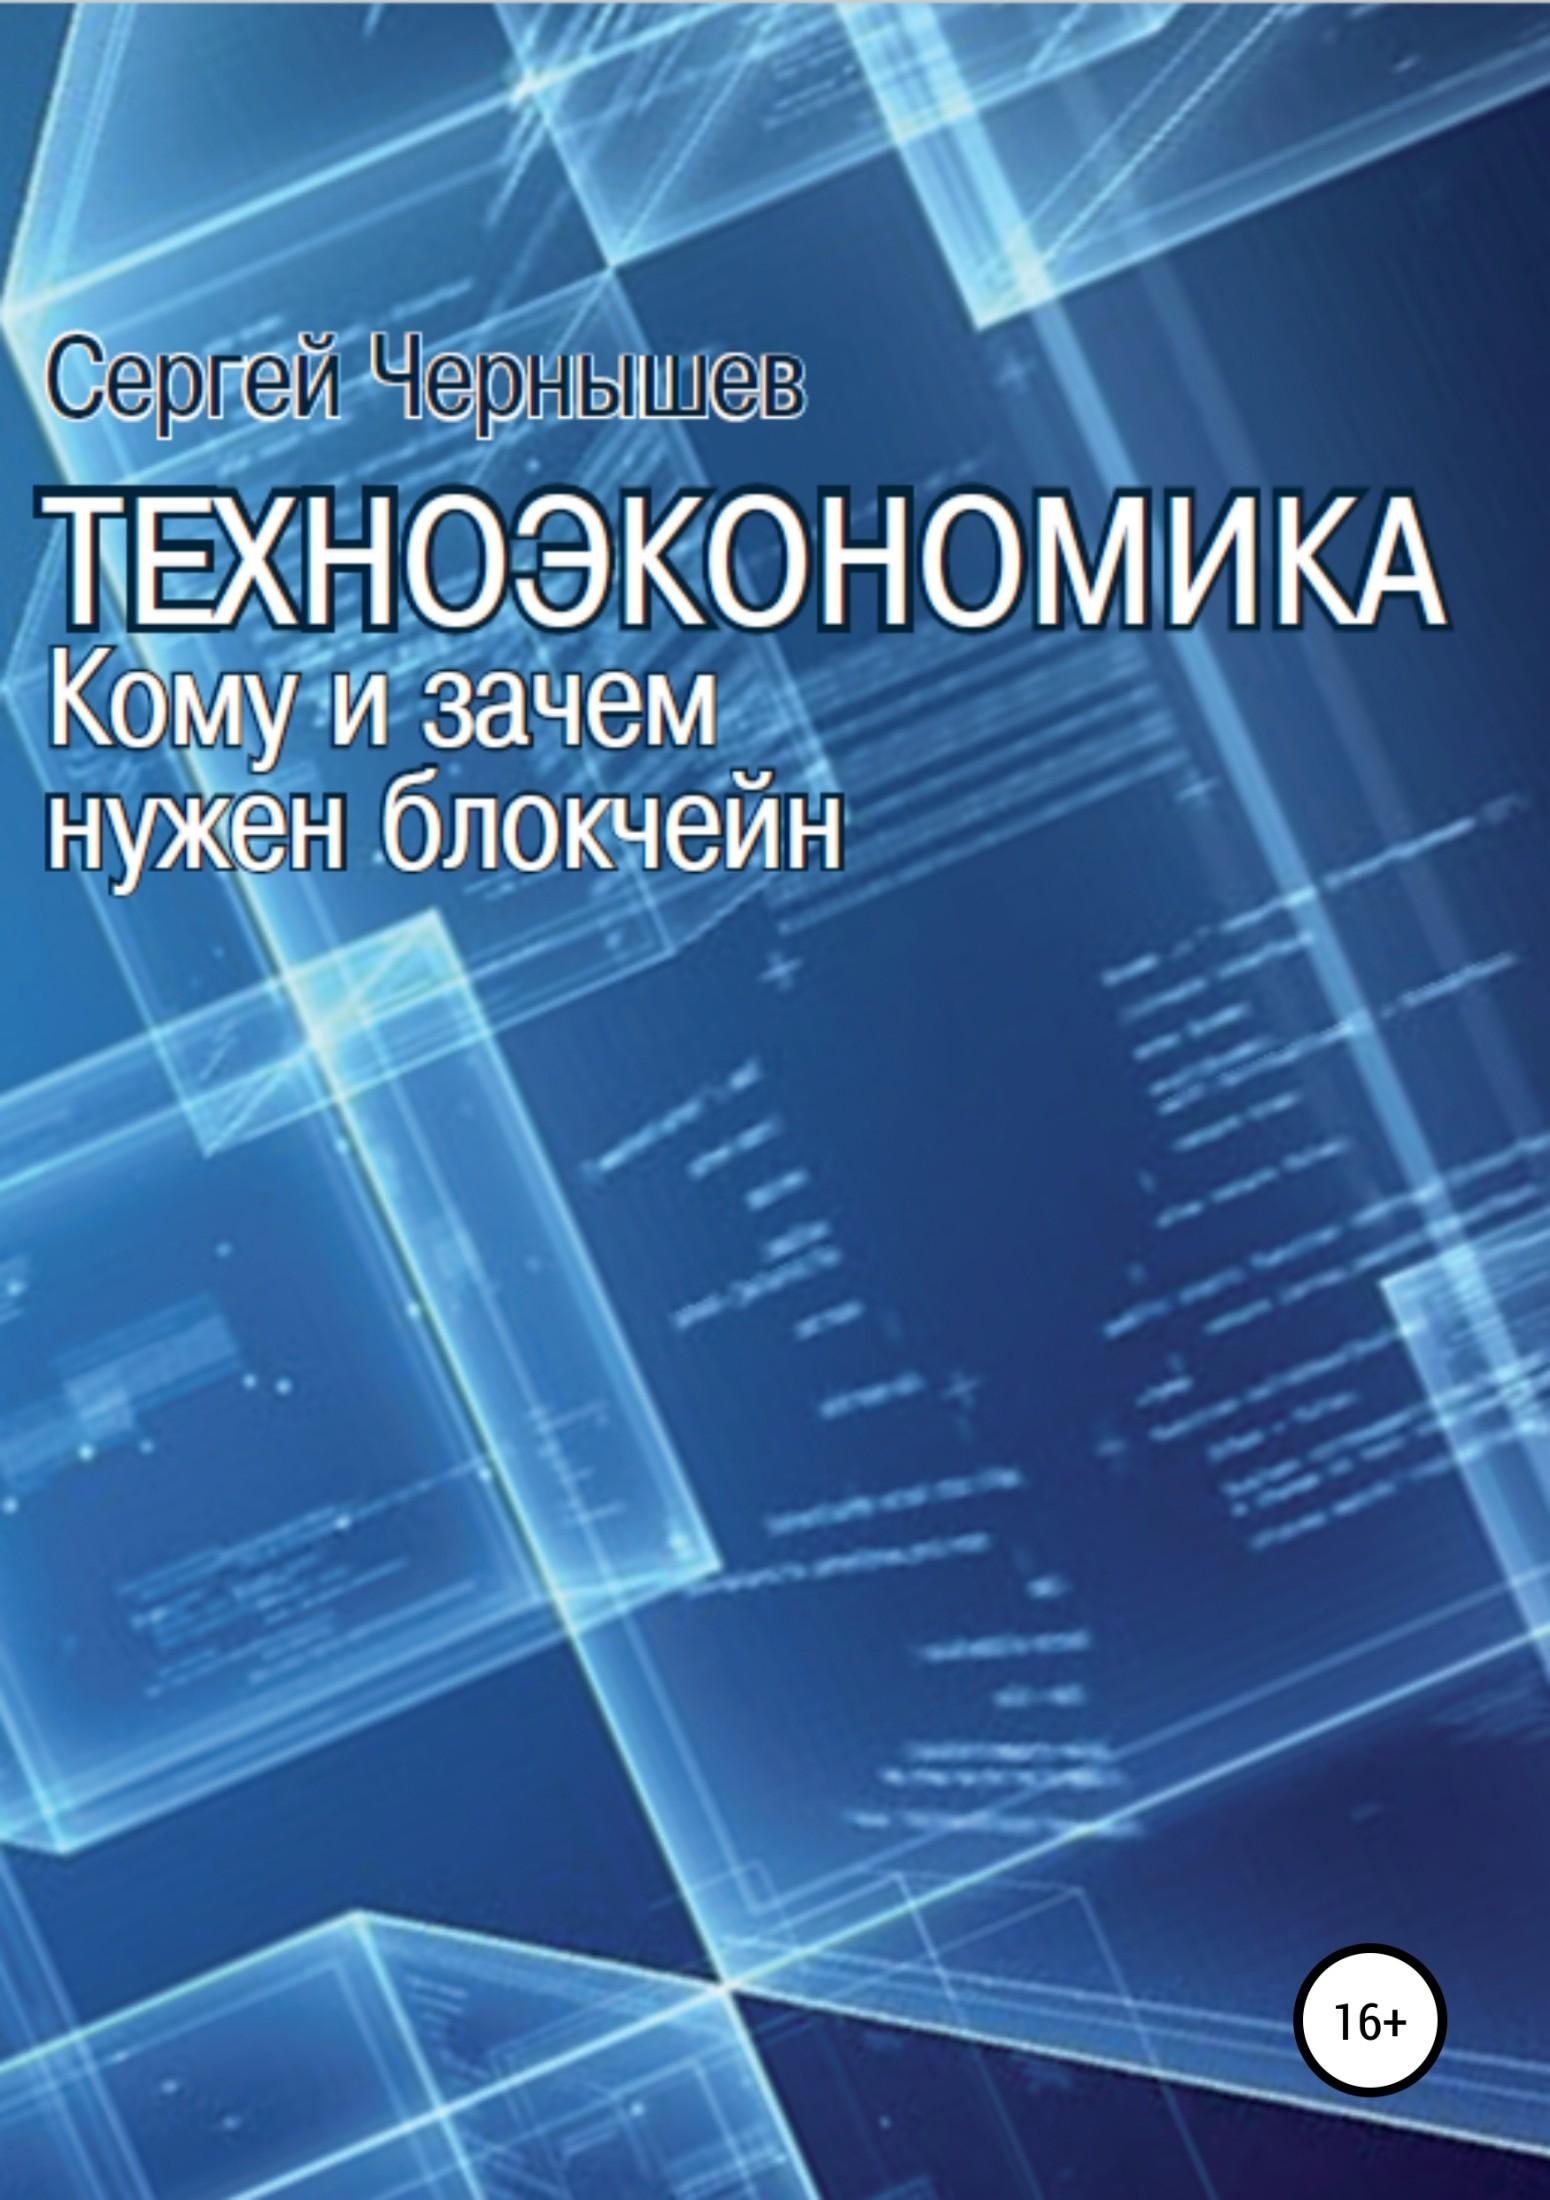 Обложка книги. Автор - Сергей Чернышев